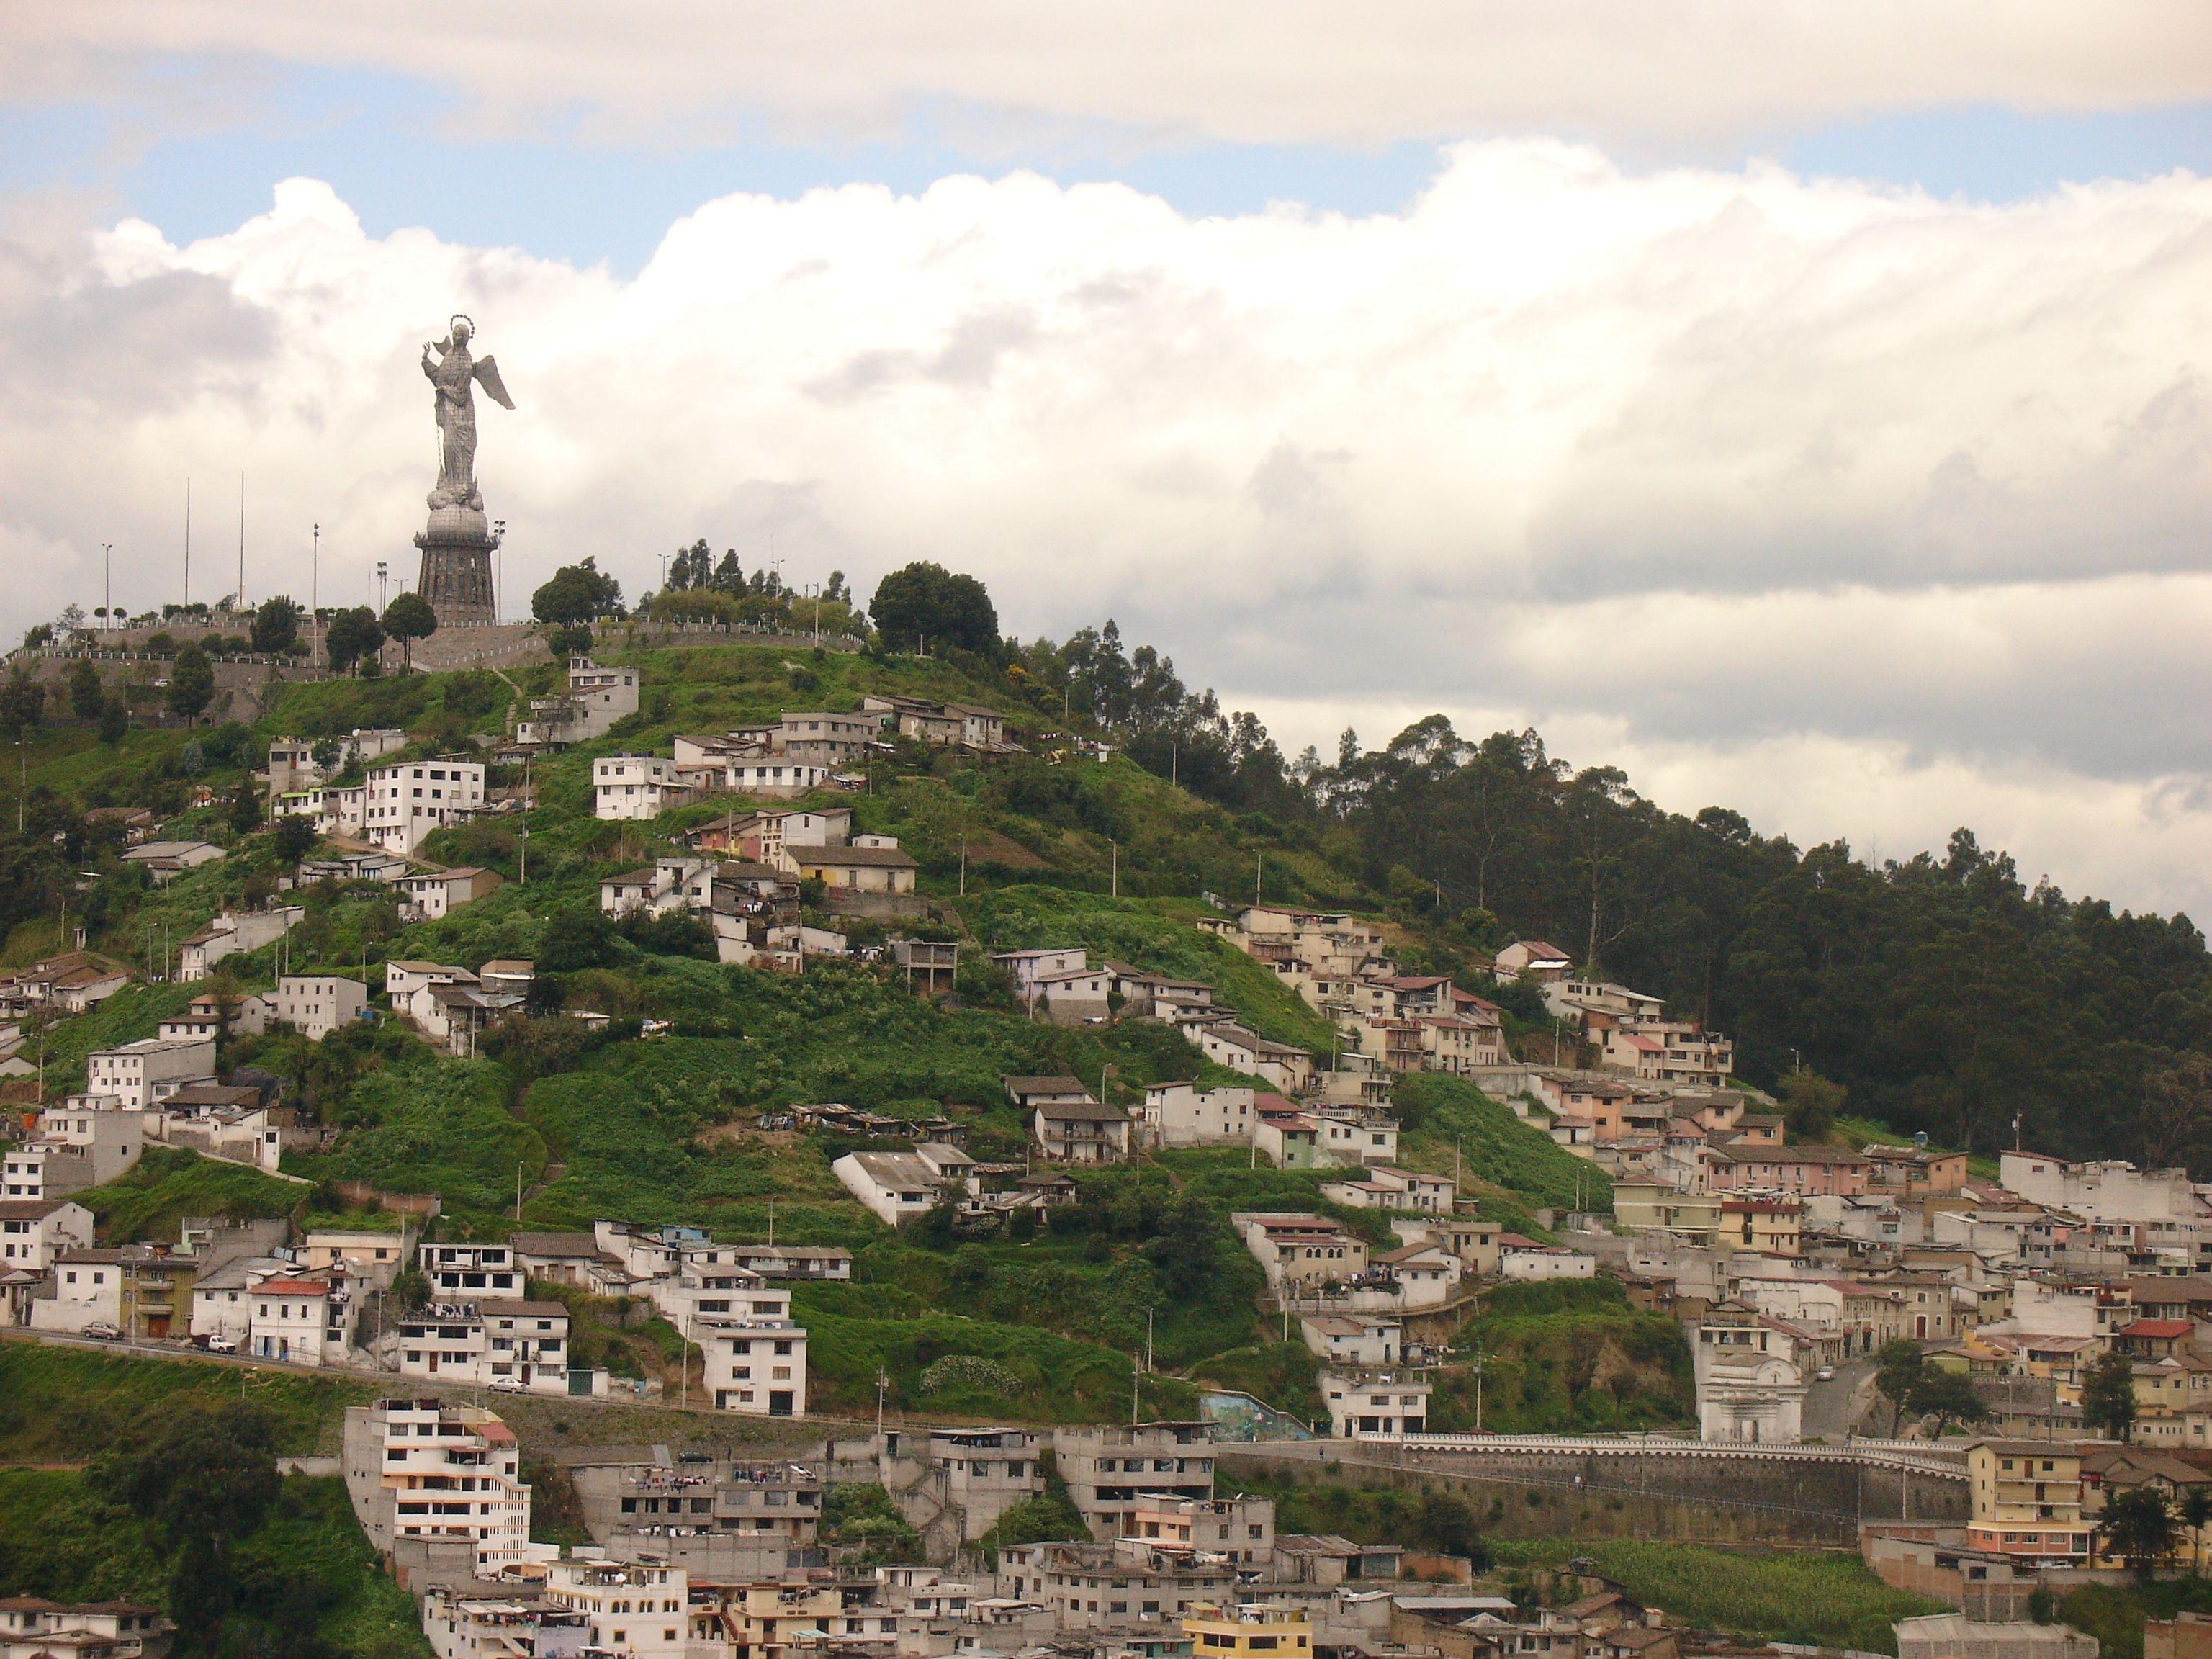 Yaku Museo Del Agua Quito Instagram Pinterest Quito - 12 cant miss sites in quito ecuador